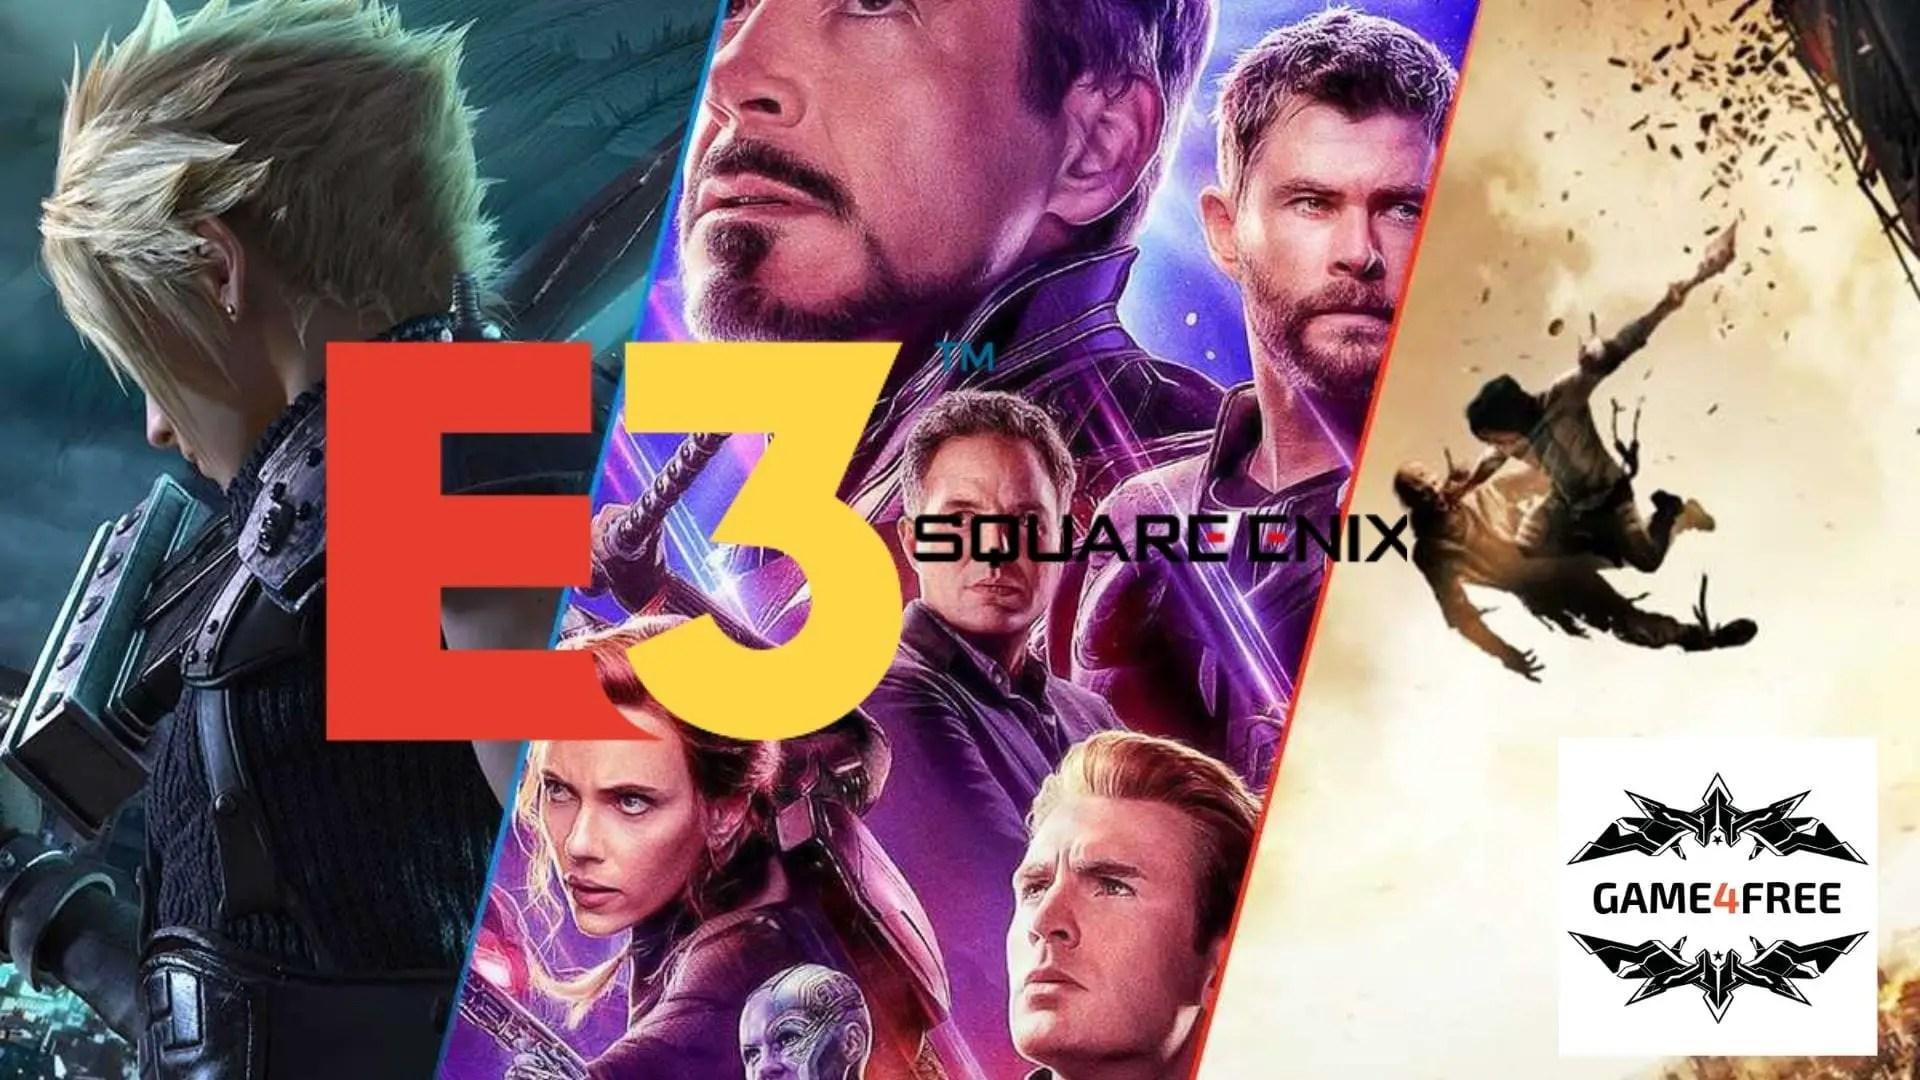 E3 2019 : Quand aura lieu la conférence de presse E3 2019 de Square Enix ?